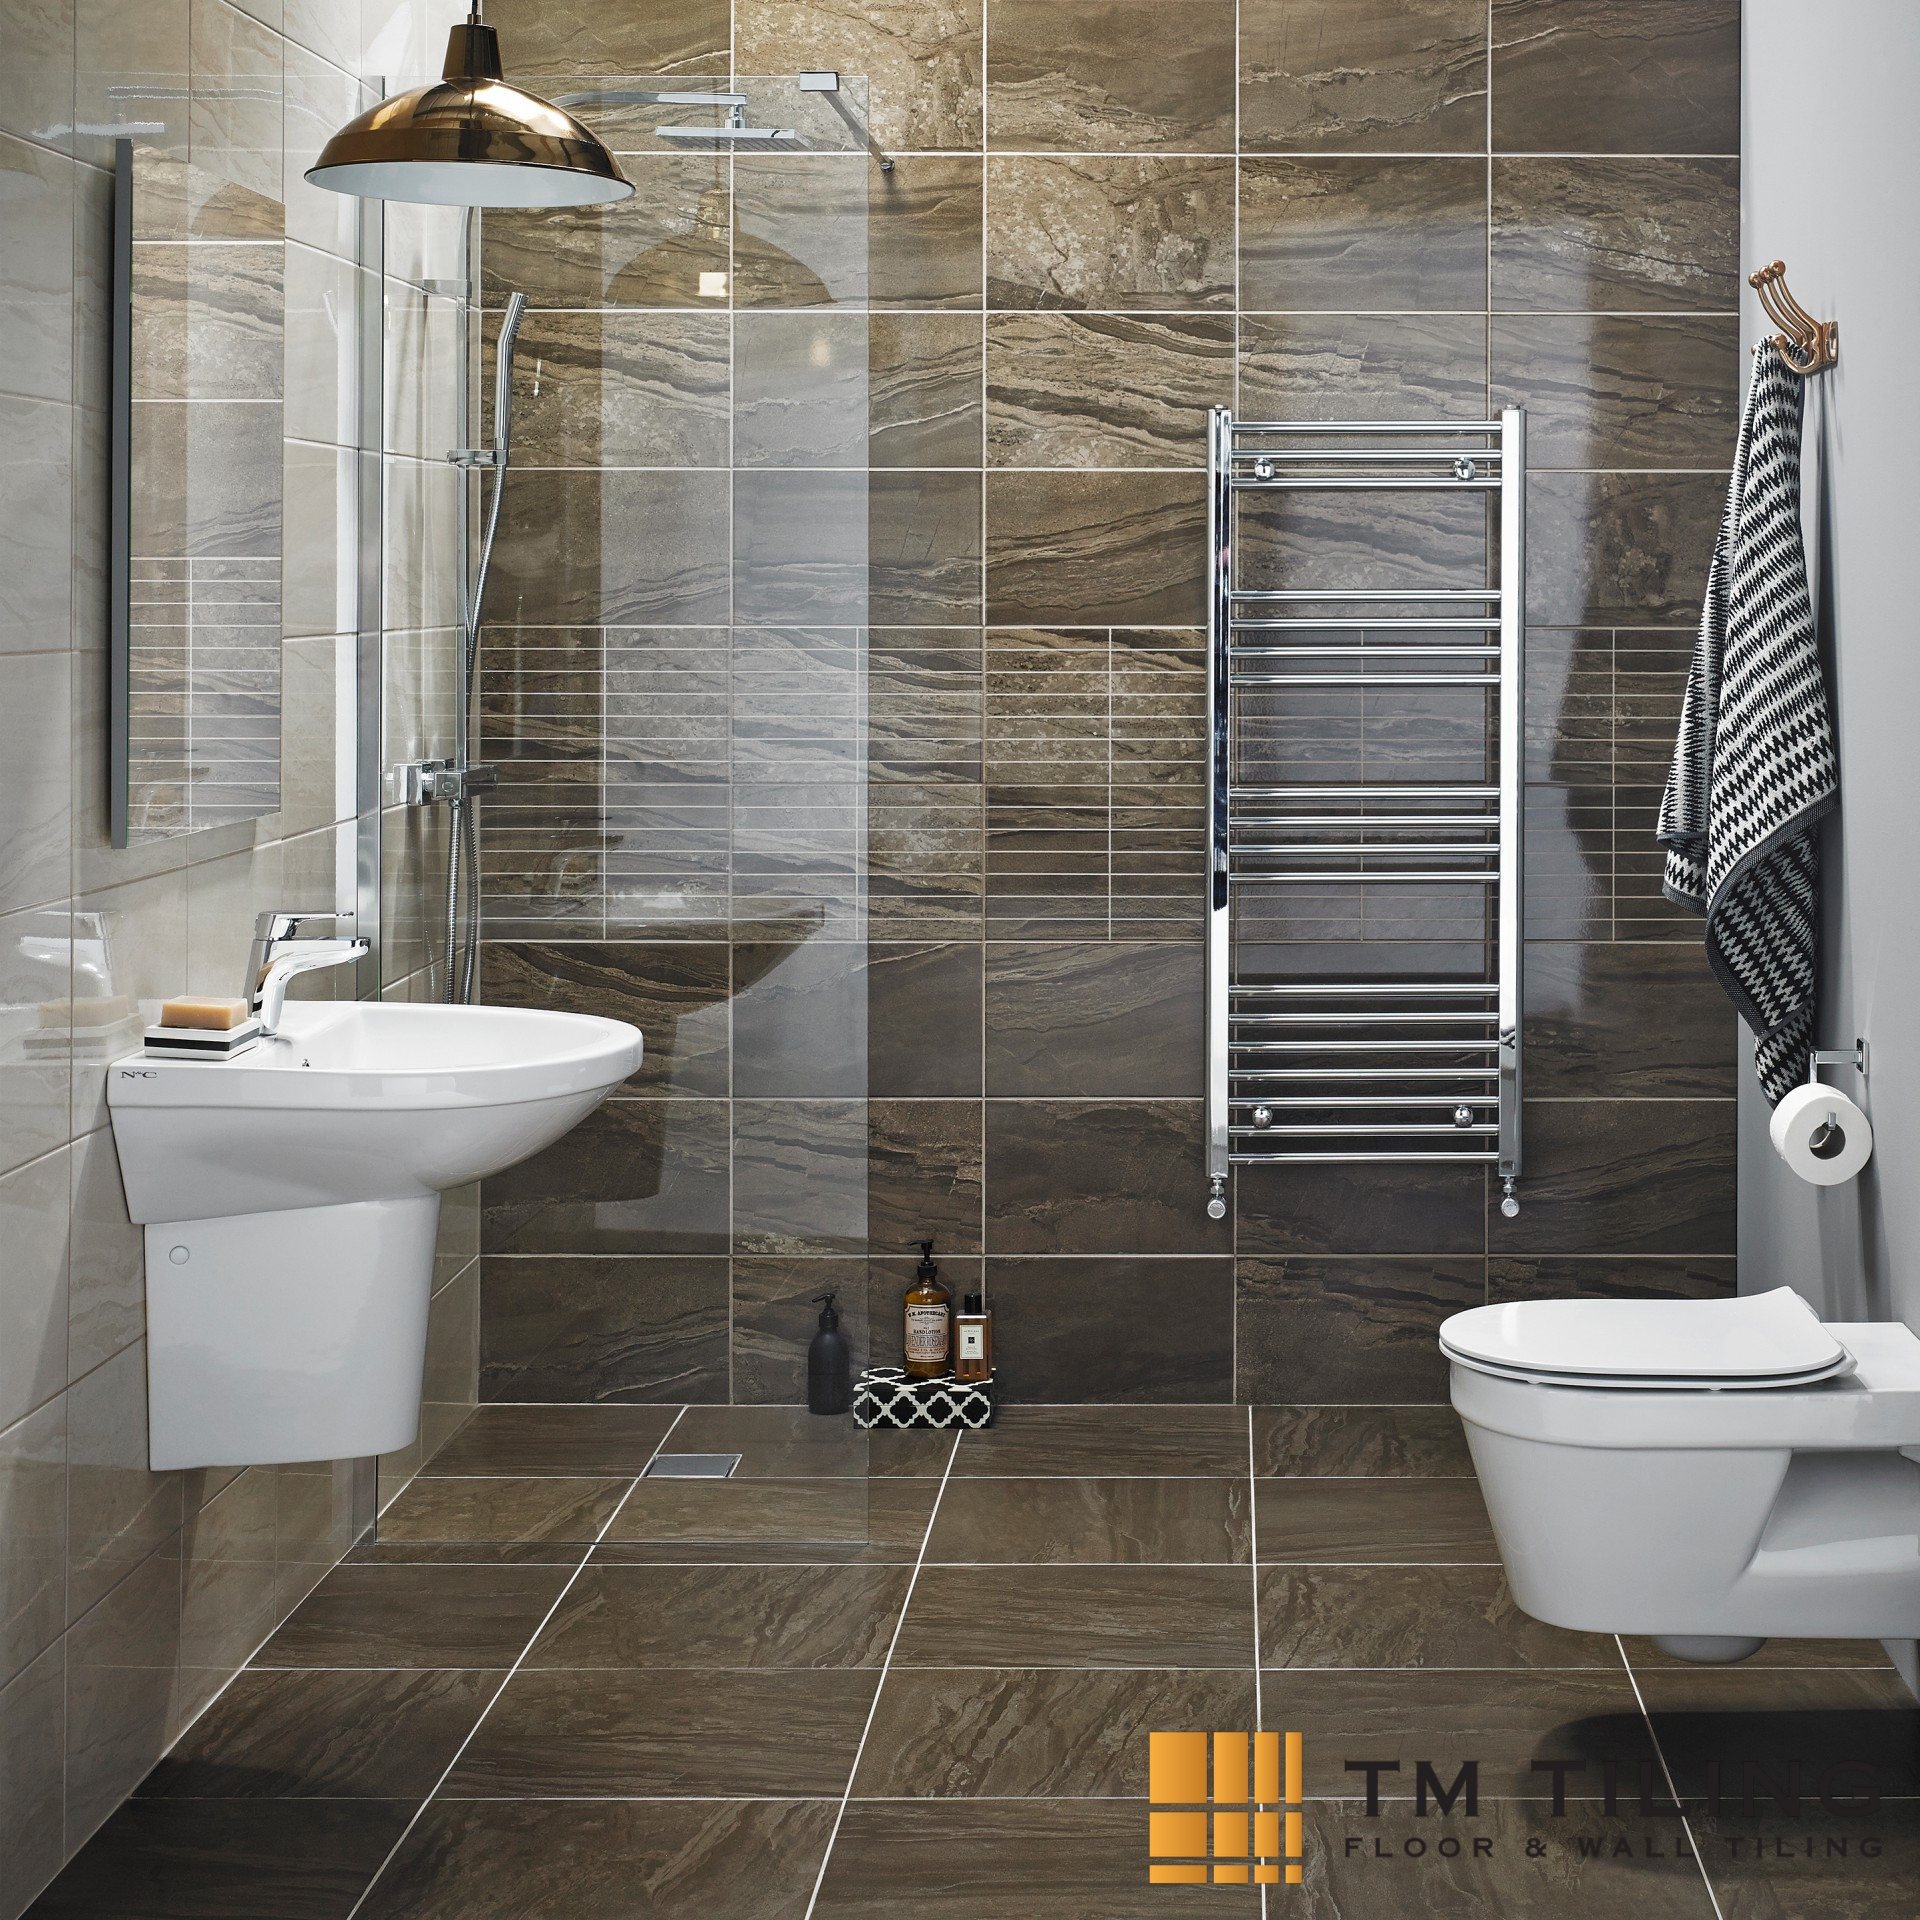 bathroom-tiles-waterproofing-tm-tiling-singapore_wm